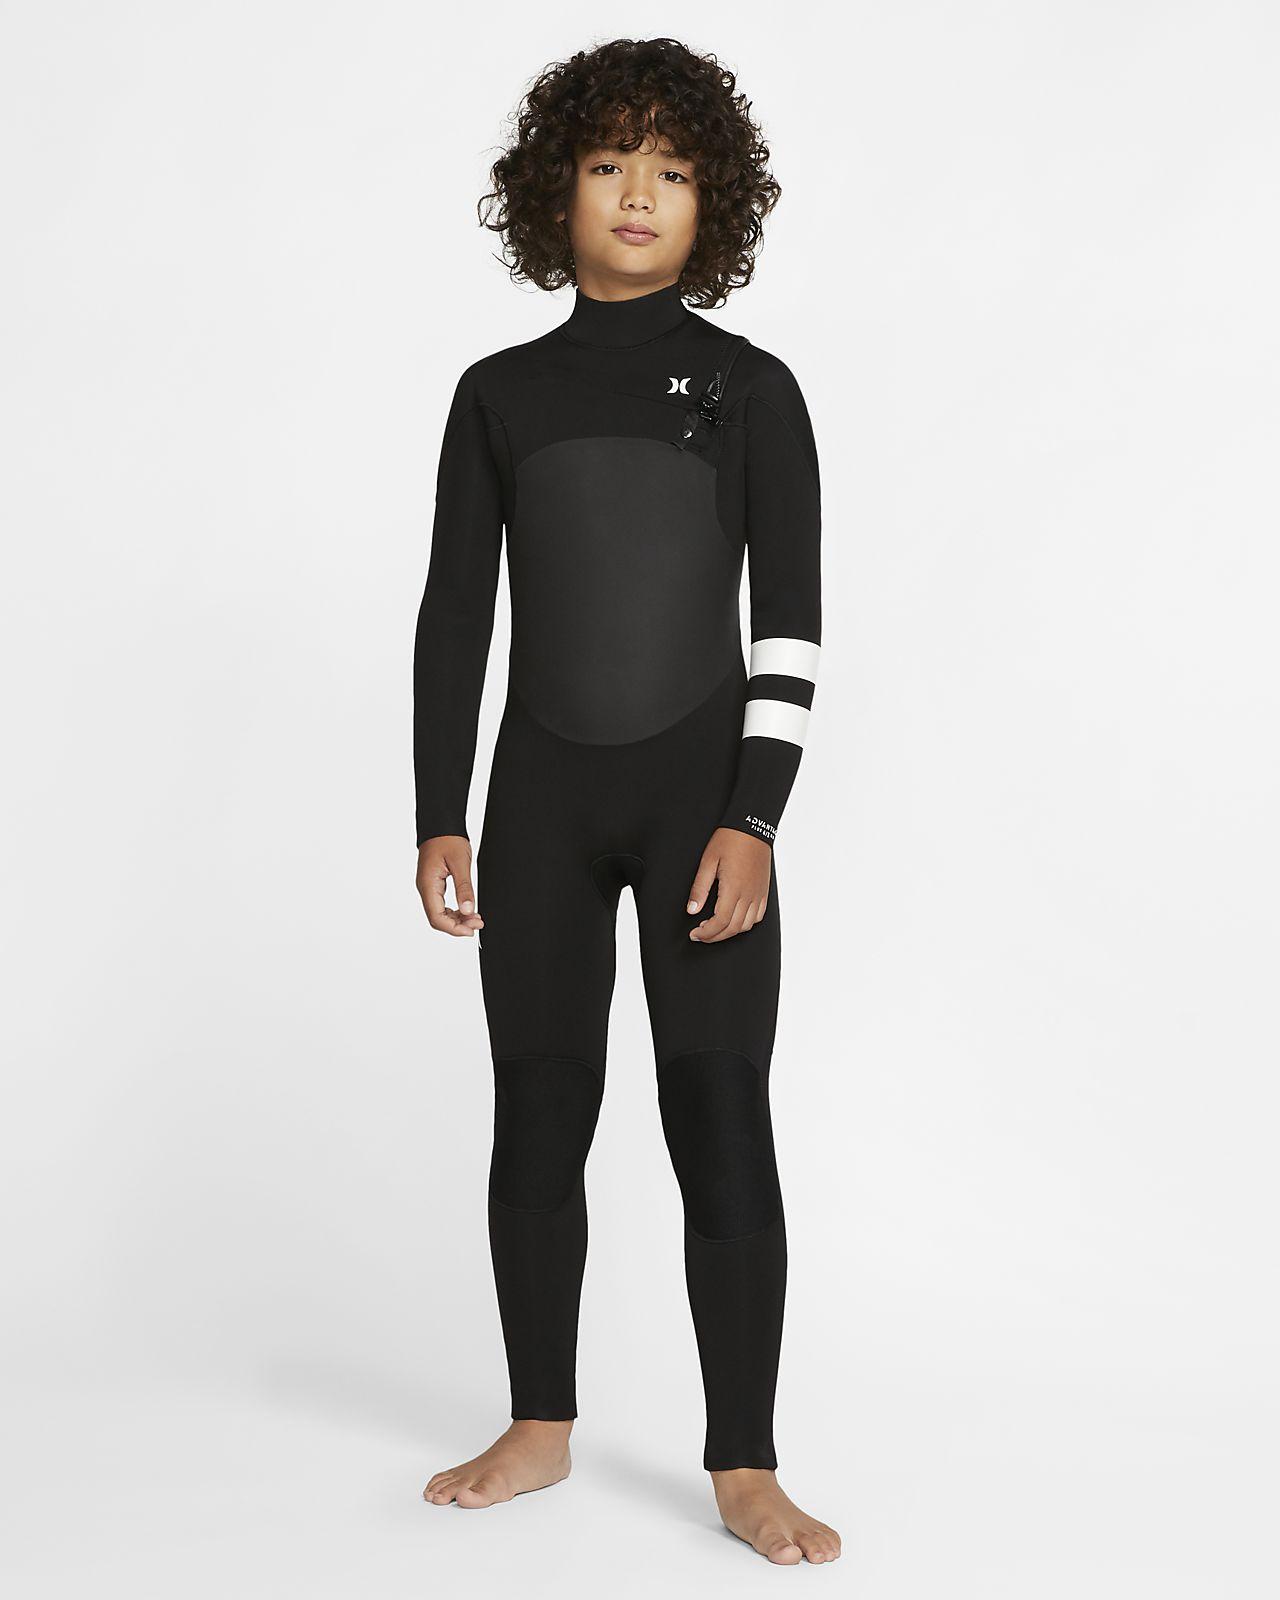 Hurley Advantage Plus 4/3mm Fullsuit våtdrakt til barn